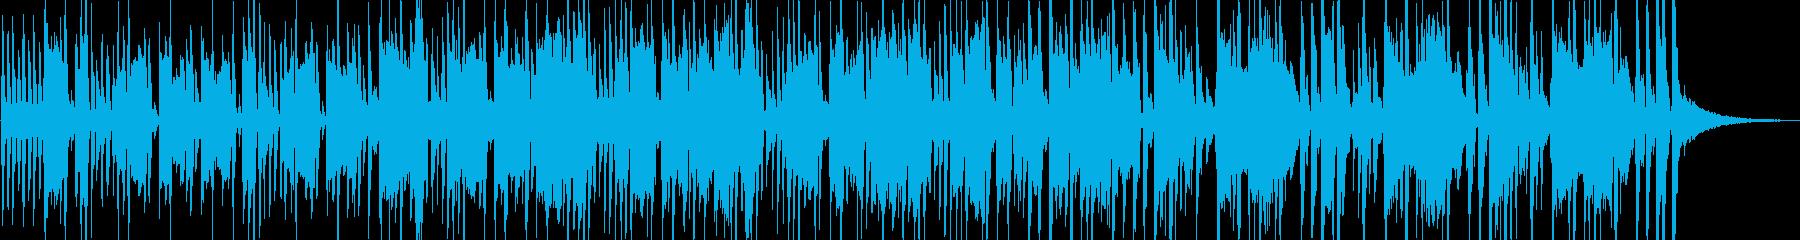 四つ打ち、シンセ、ラテン風シンセ曲の再生済みの波形